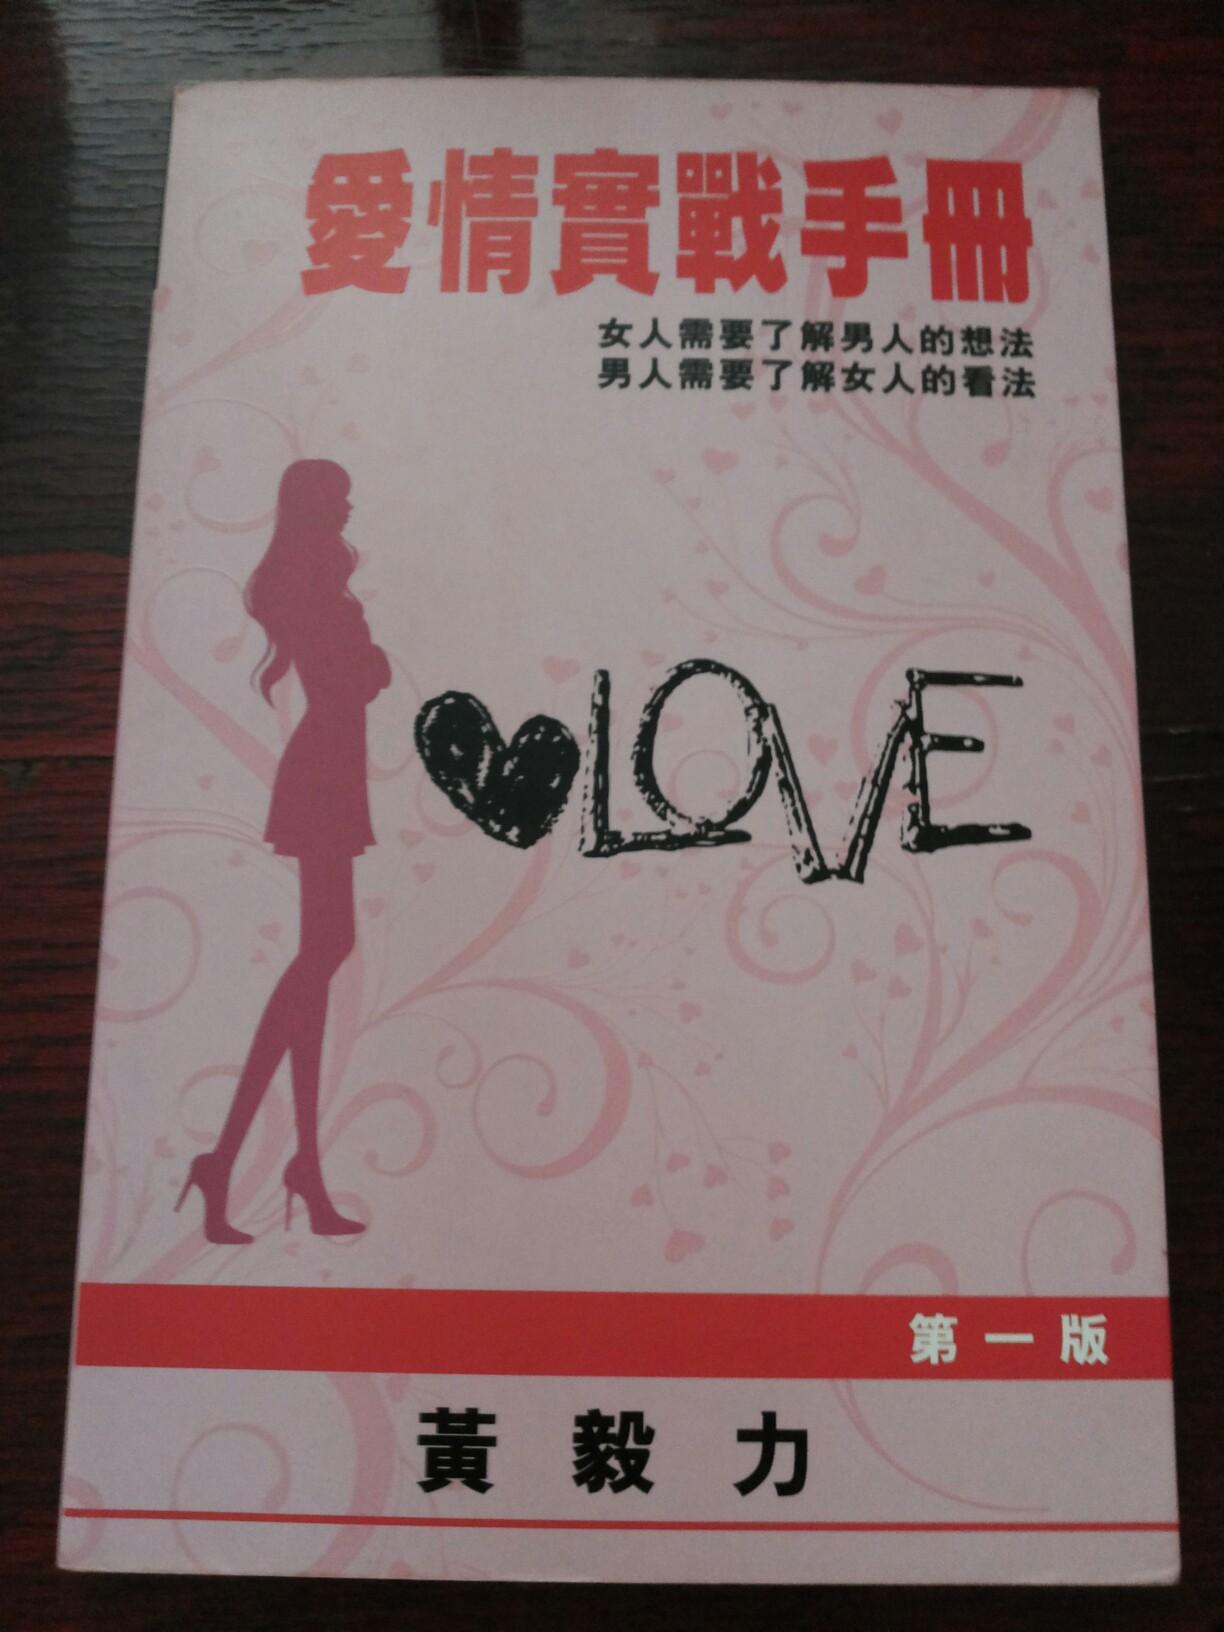 愛情實戰手冊 黃毅力著, 書本 & 文具, 雜誌及其他 - Carousell